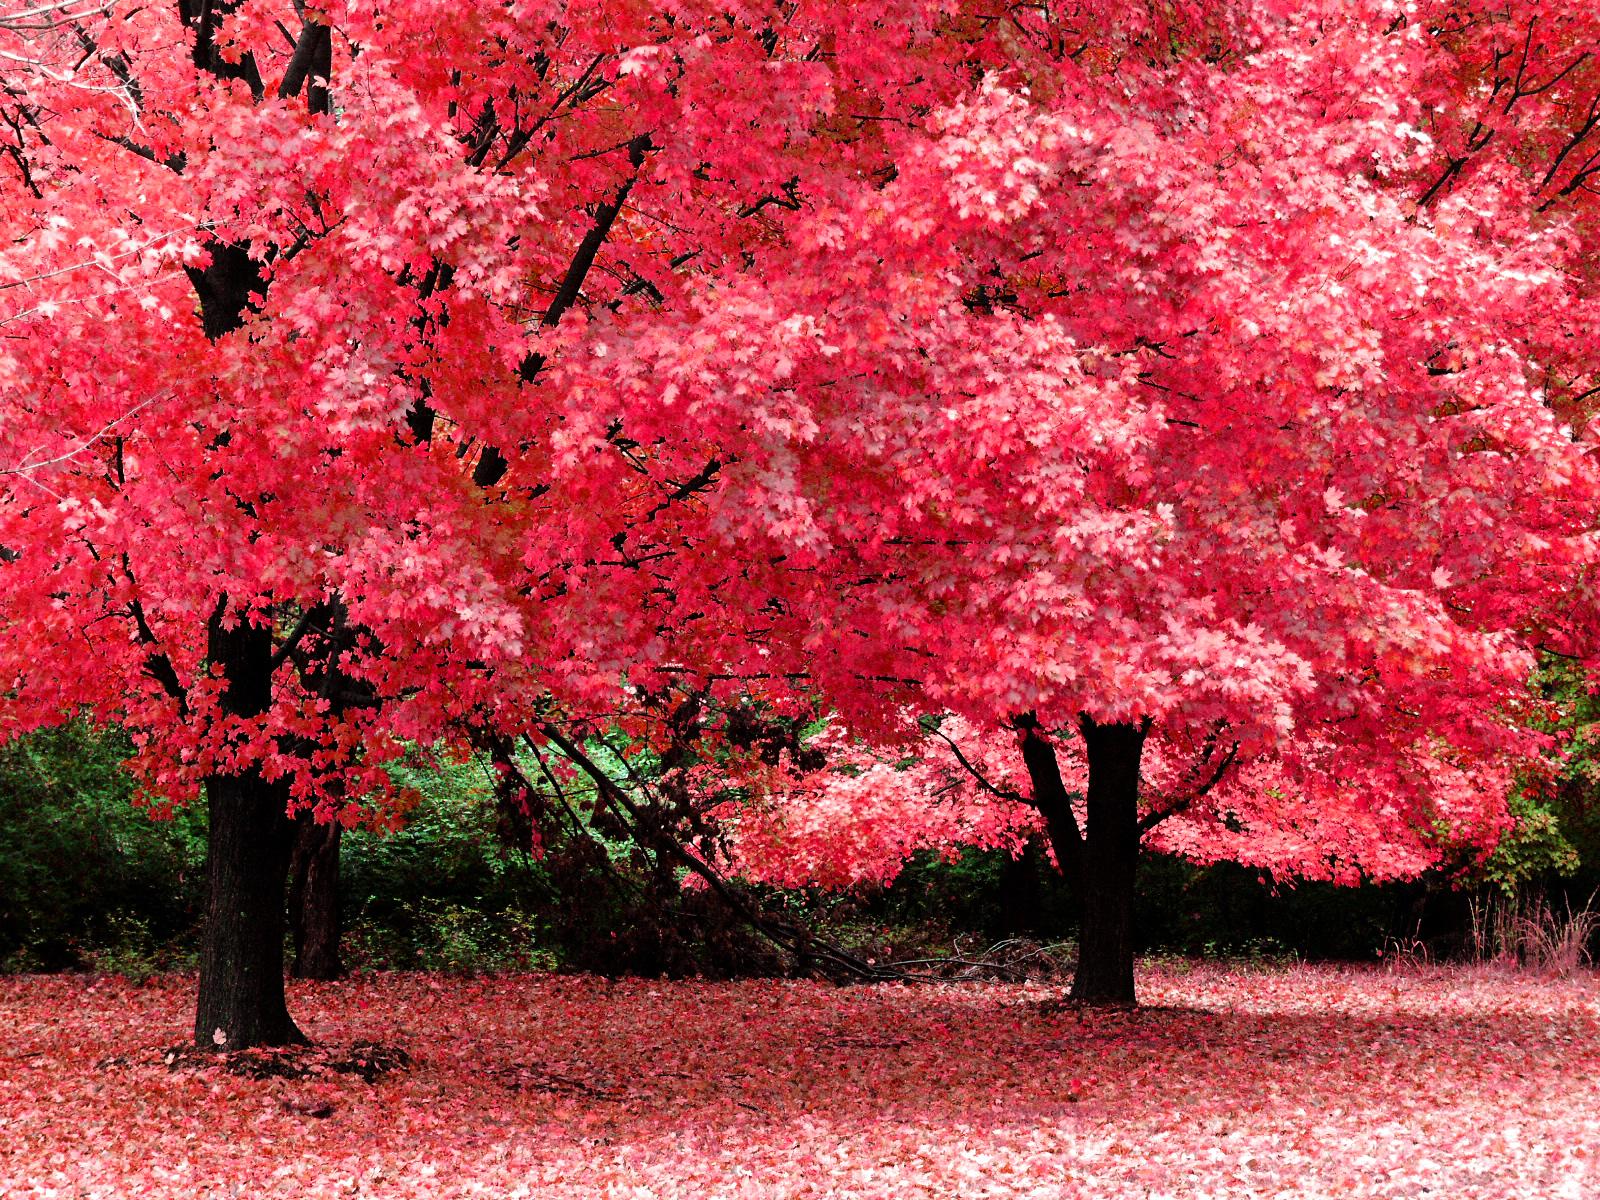 осень, красивое фото, яркая розовая листва, листопад, autumn wallpaper